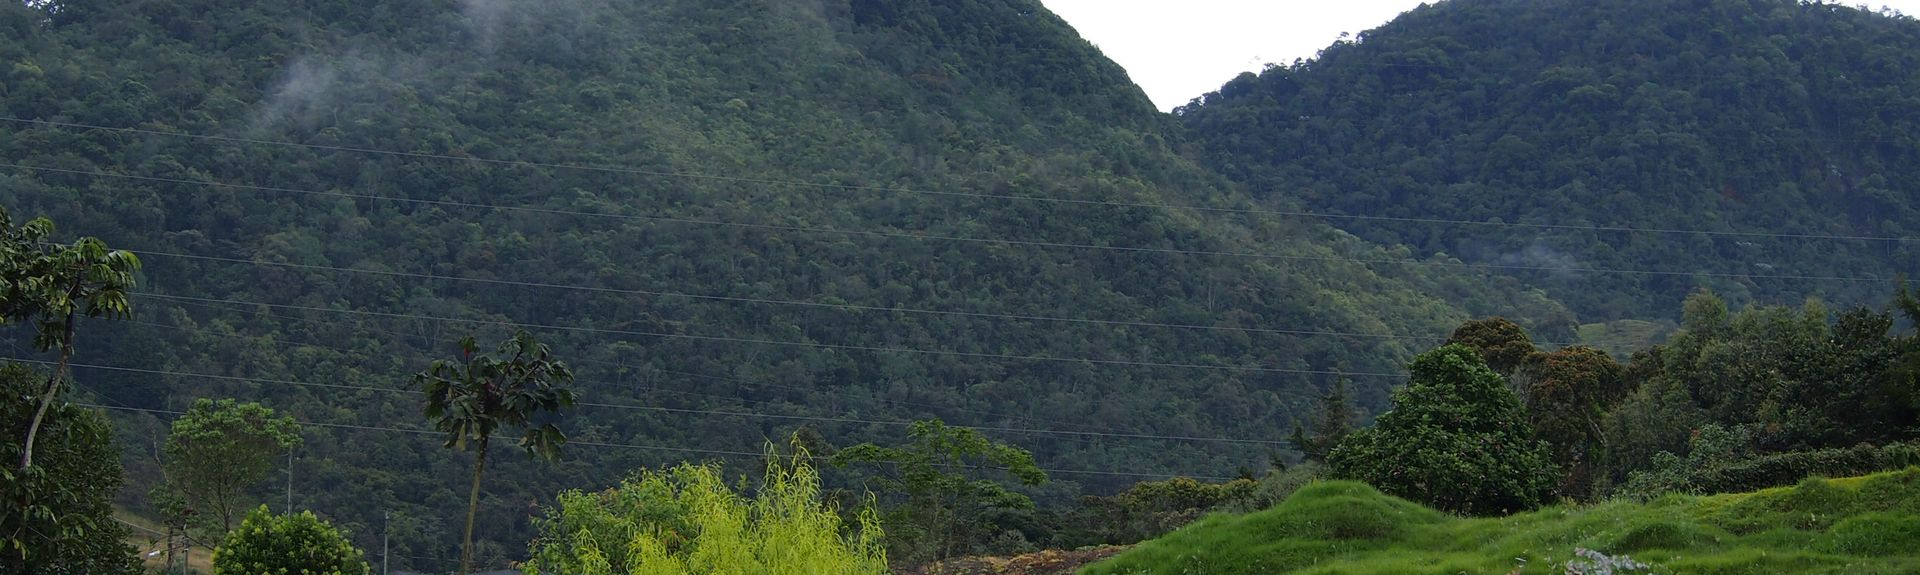 El Penol, Antioquia, Colombia